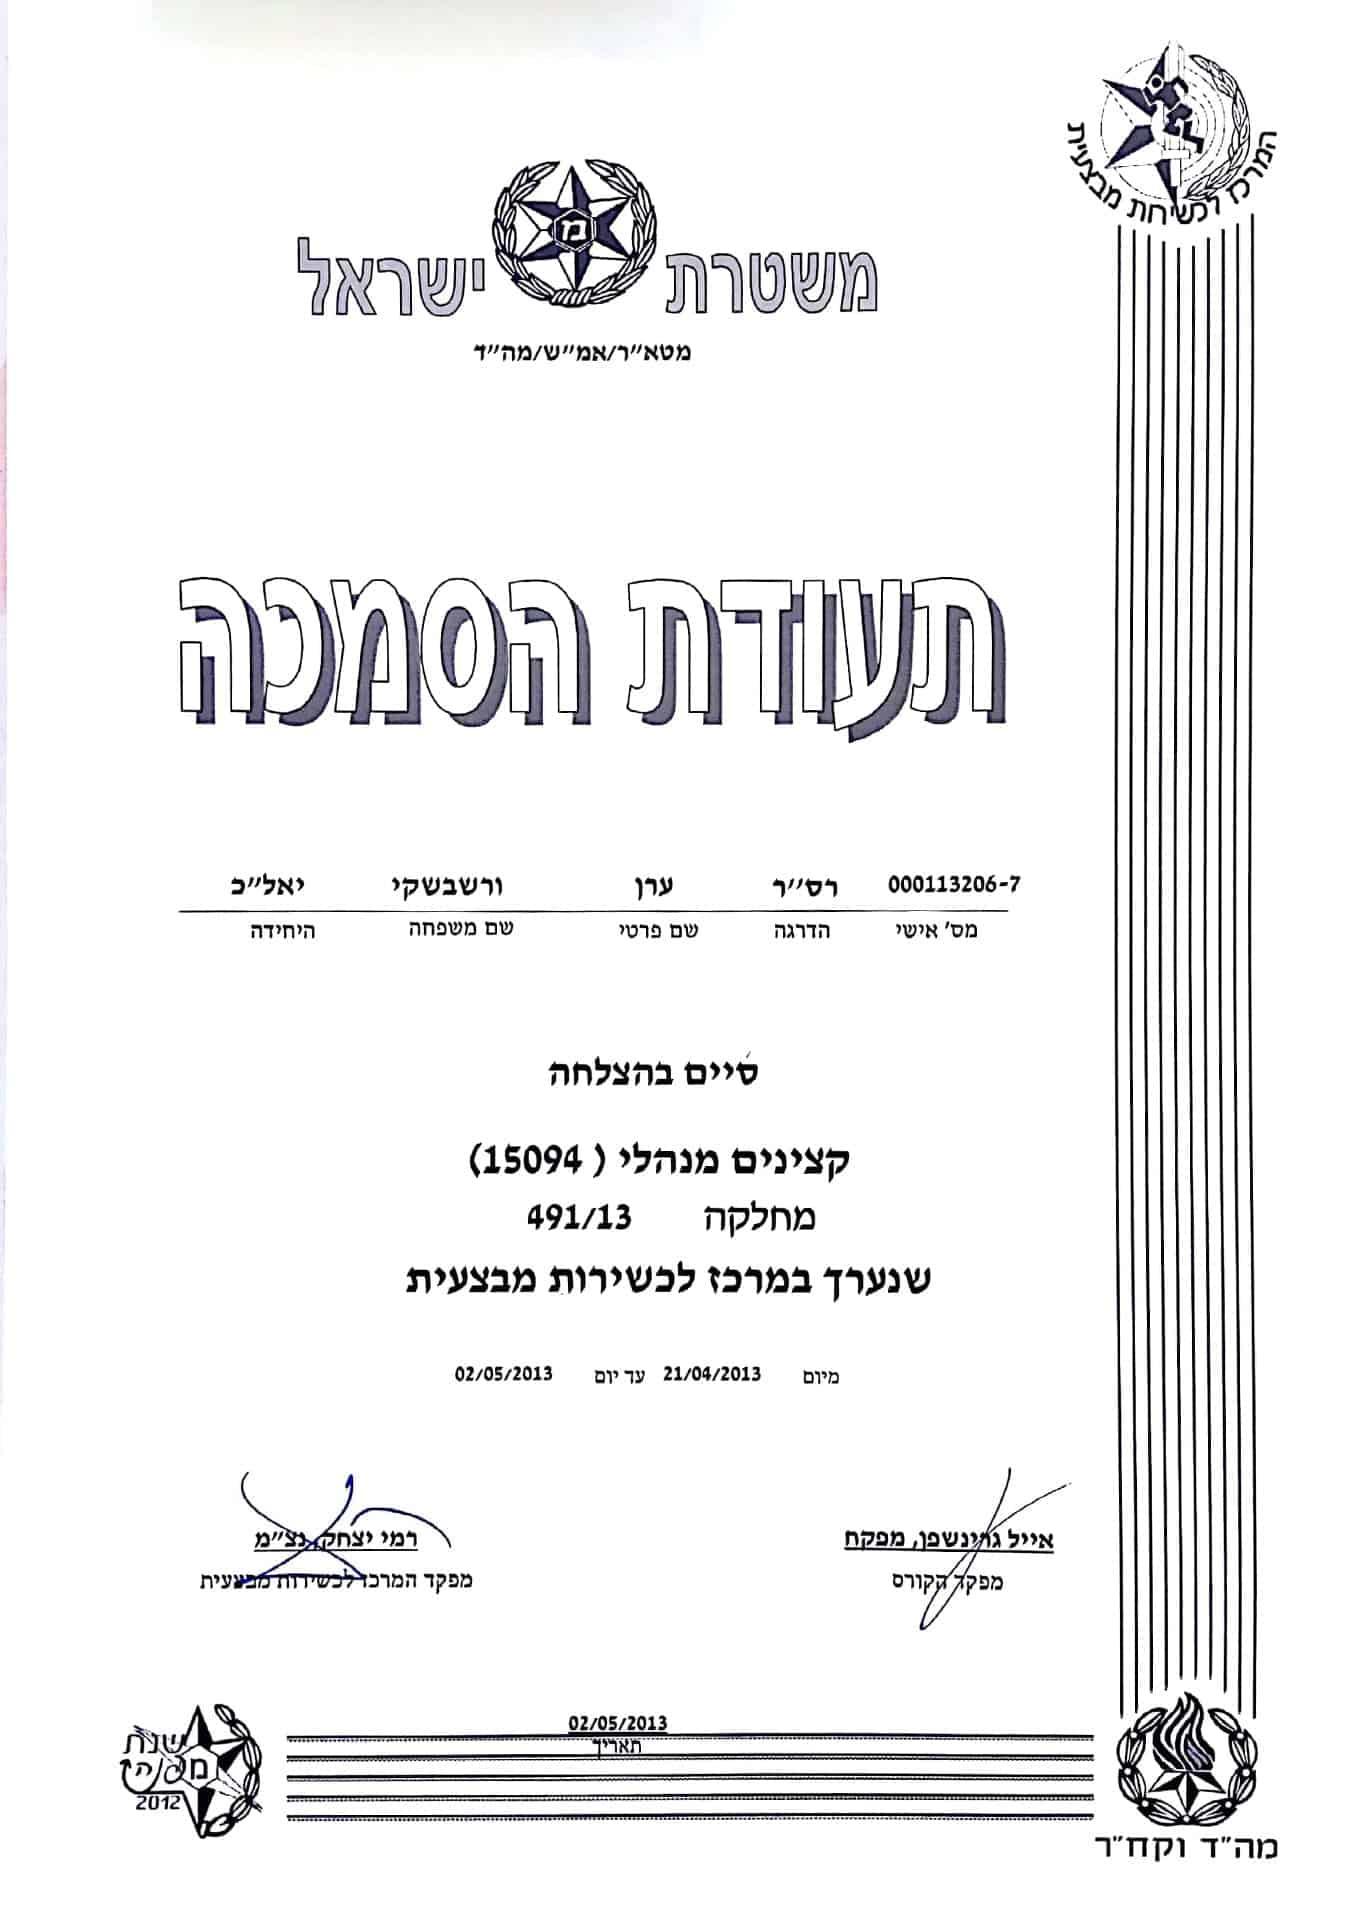 משטרת ישראל - תעודת הסמכה